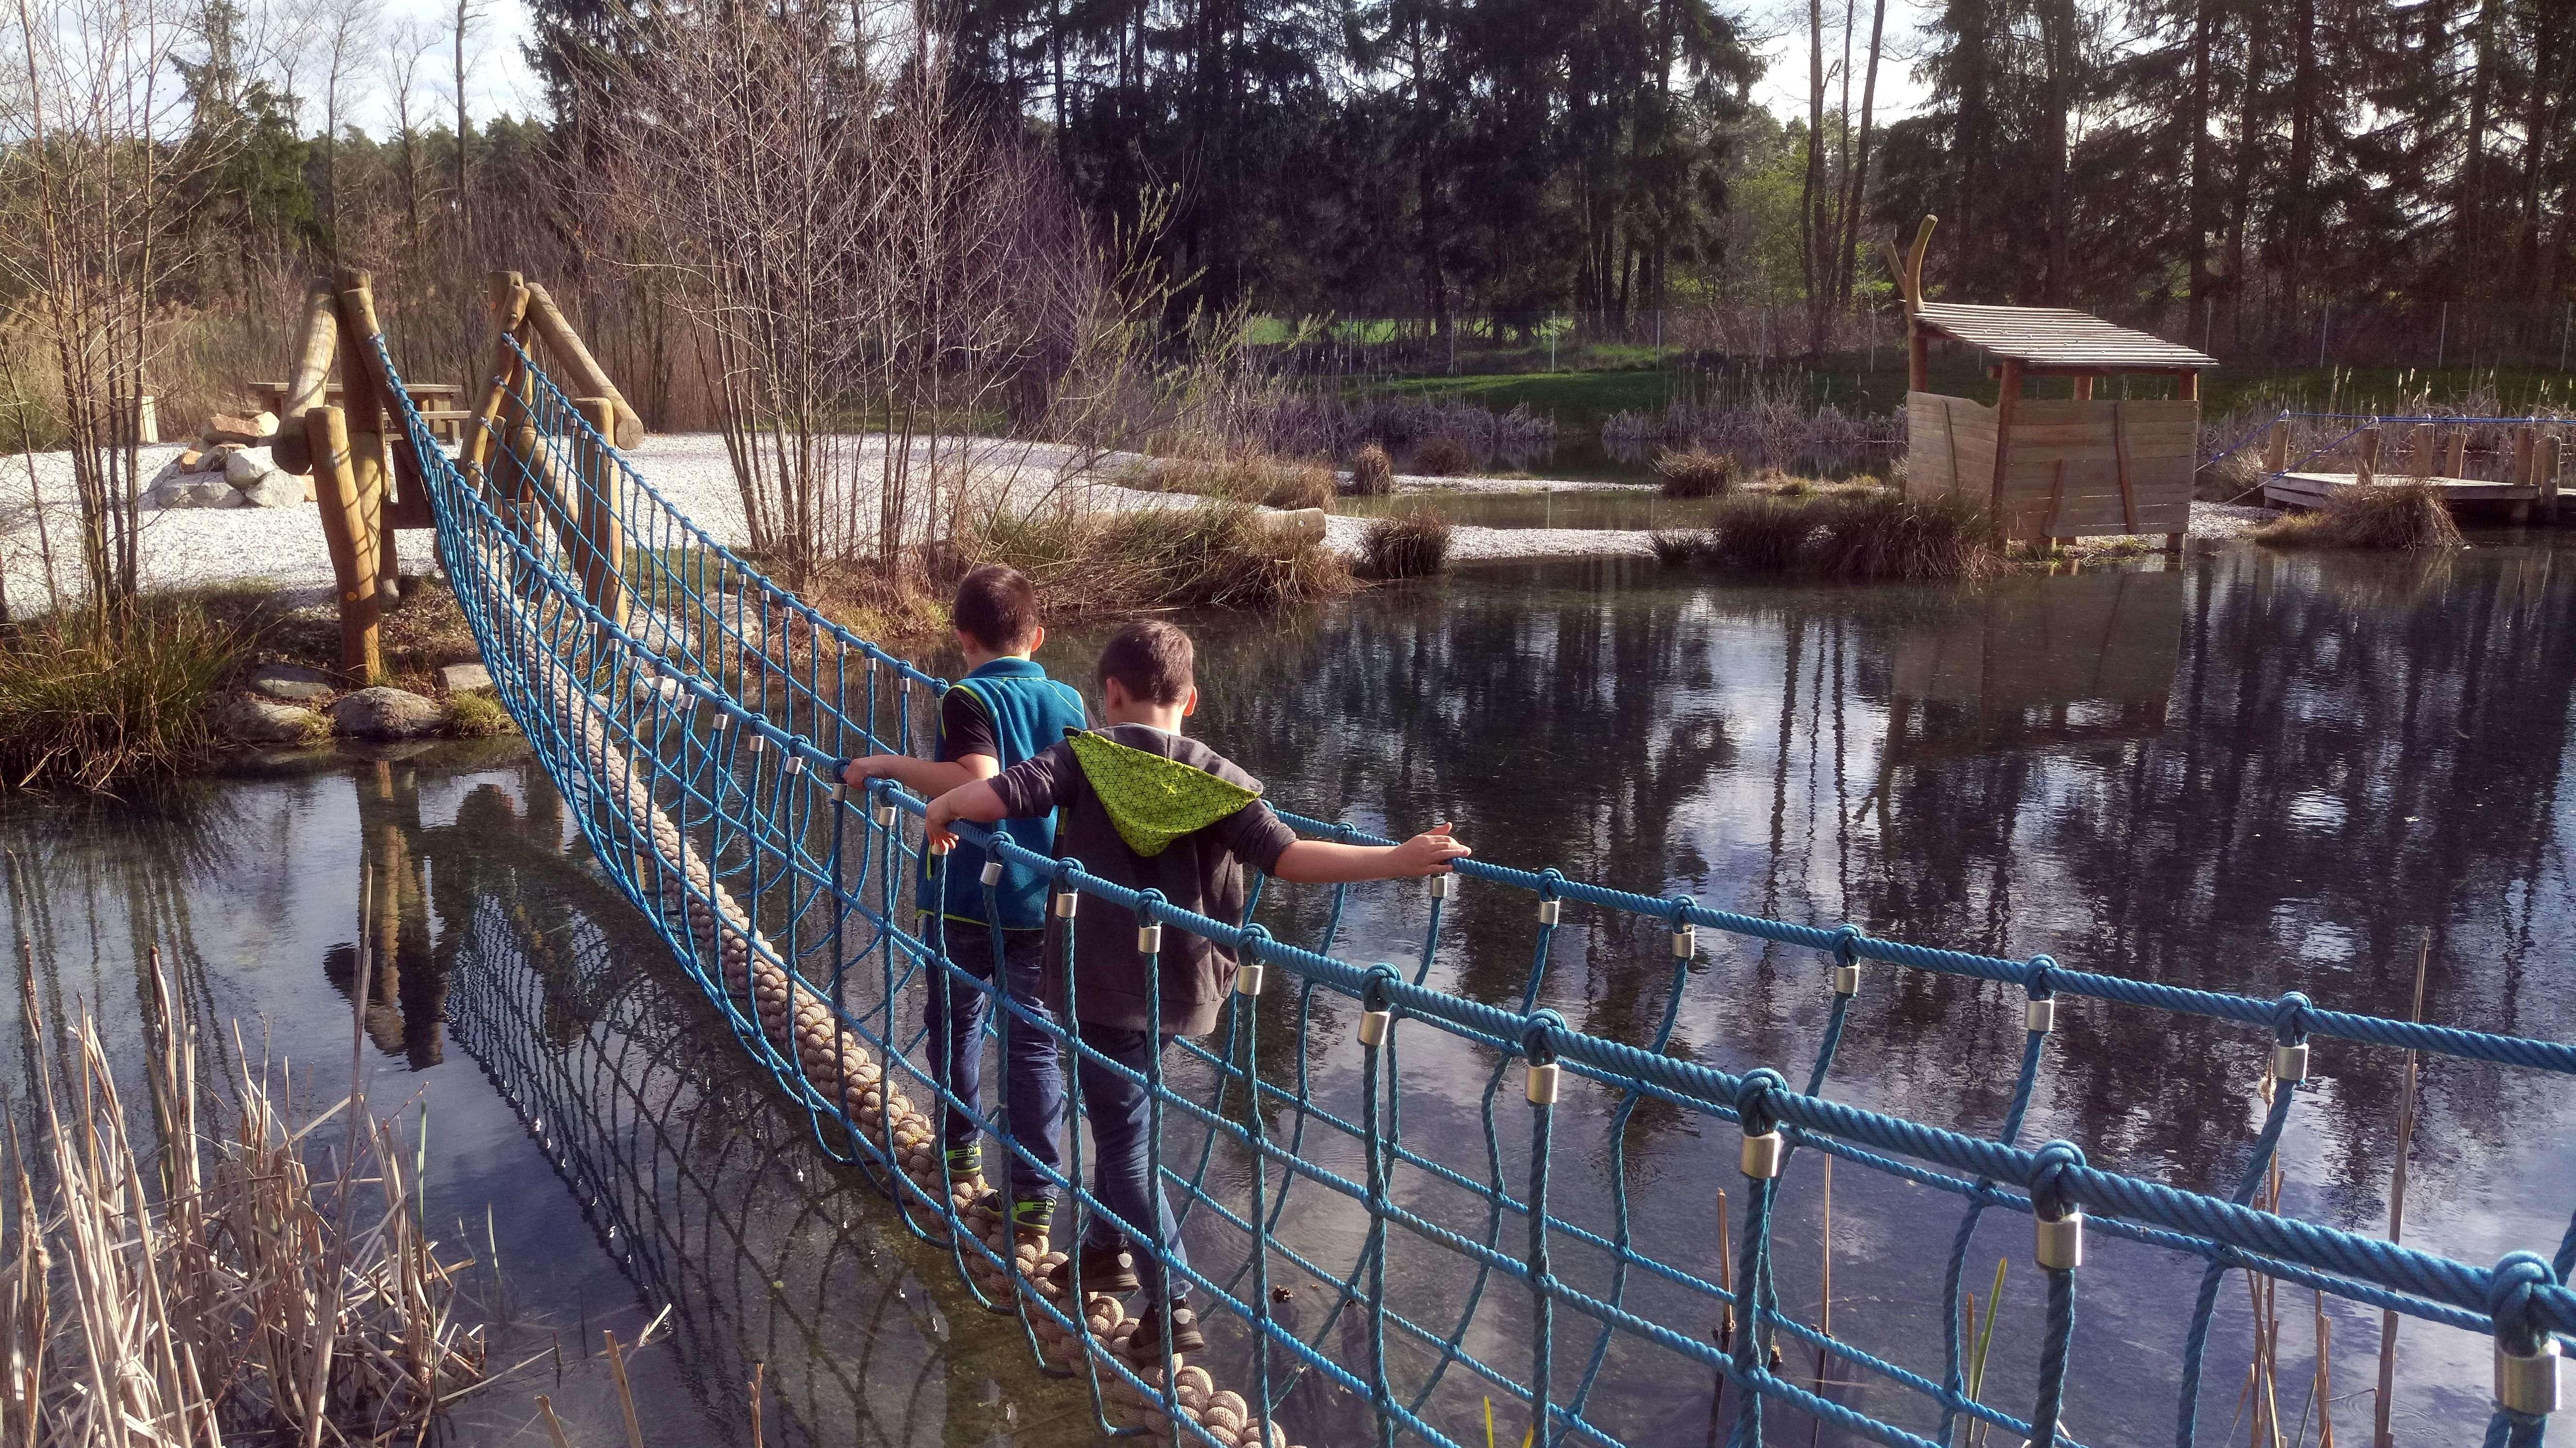 Mehr als 60.000 Besucher lockt der Erlebnispark Wasser-Fisch-Natur am Murner See in Wackersdorf jeden Sommer an.